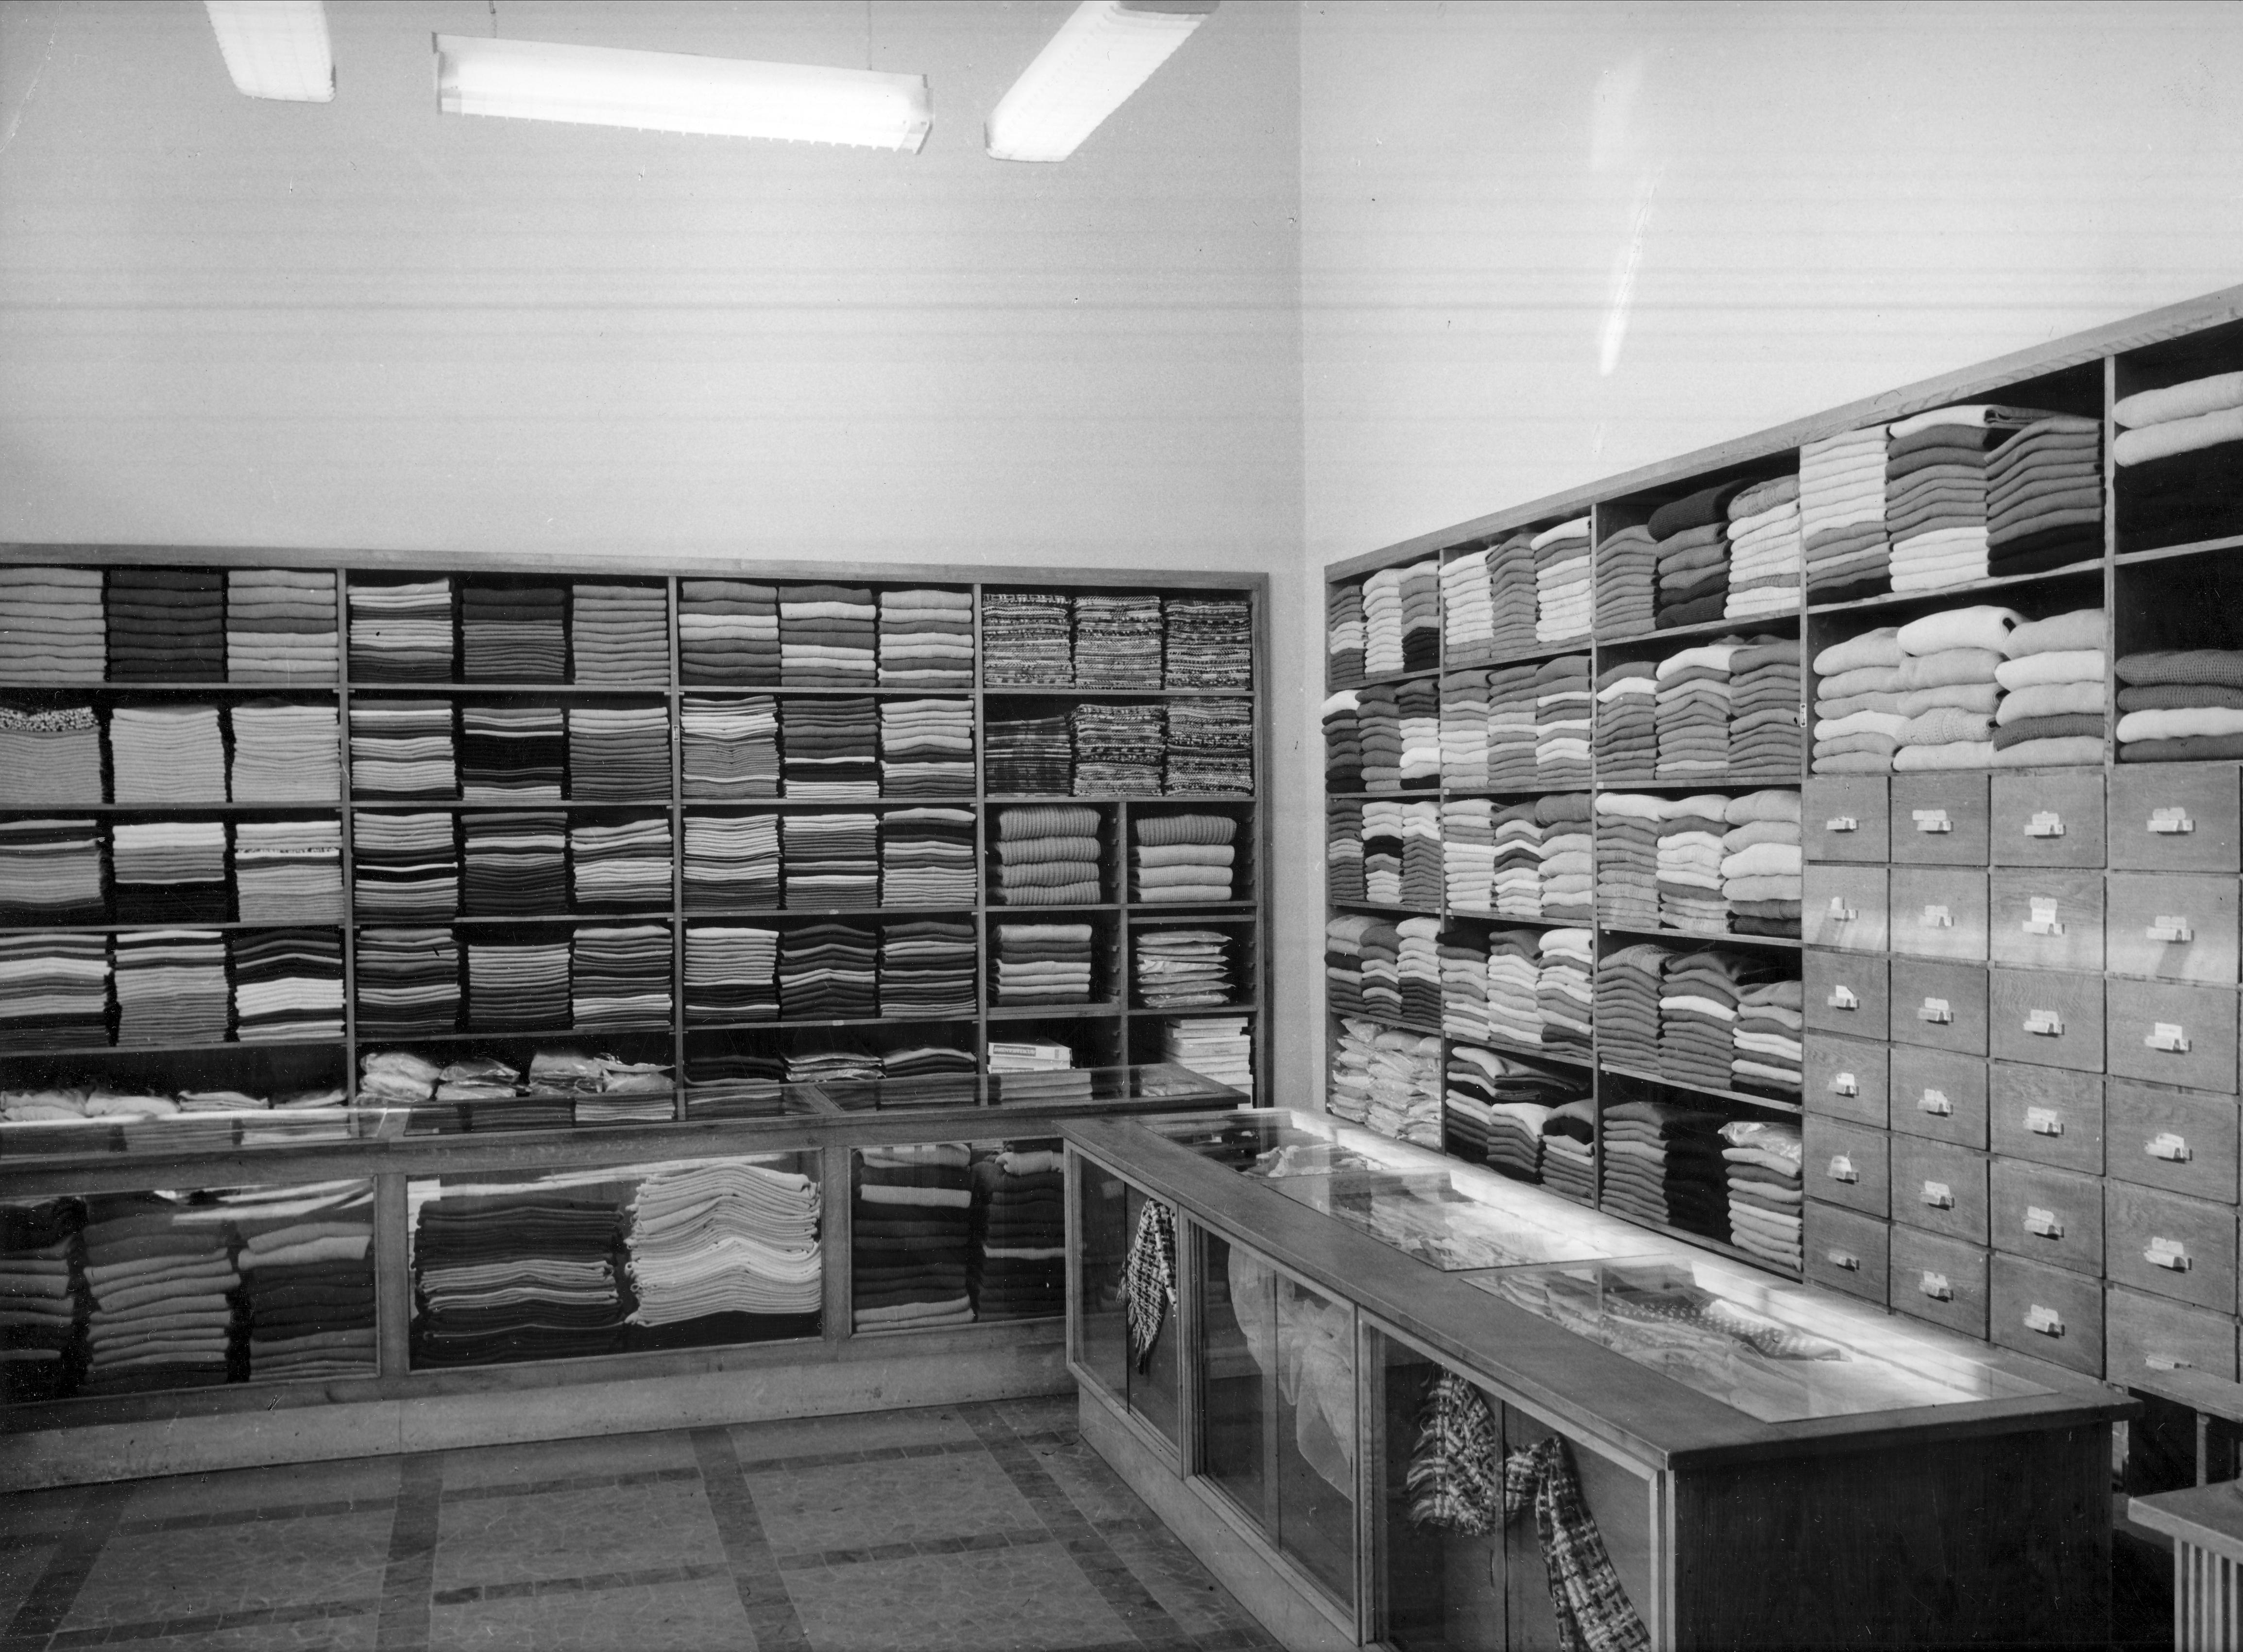 d3047b53b2 Magyar Nemzeti Digitális Archívum • Aranypók - Kötöttáru Szaküzlet